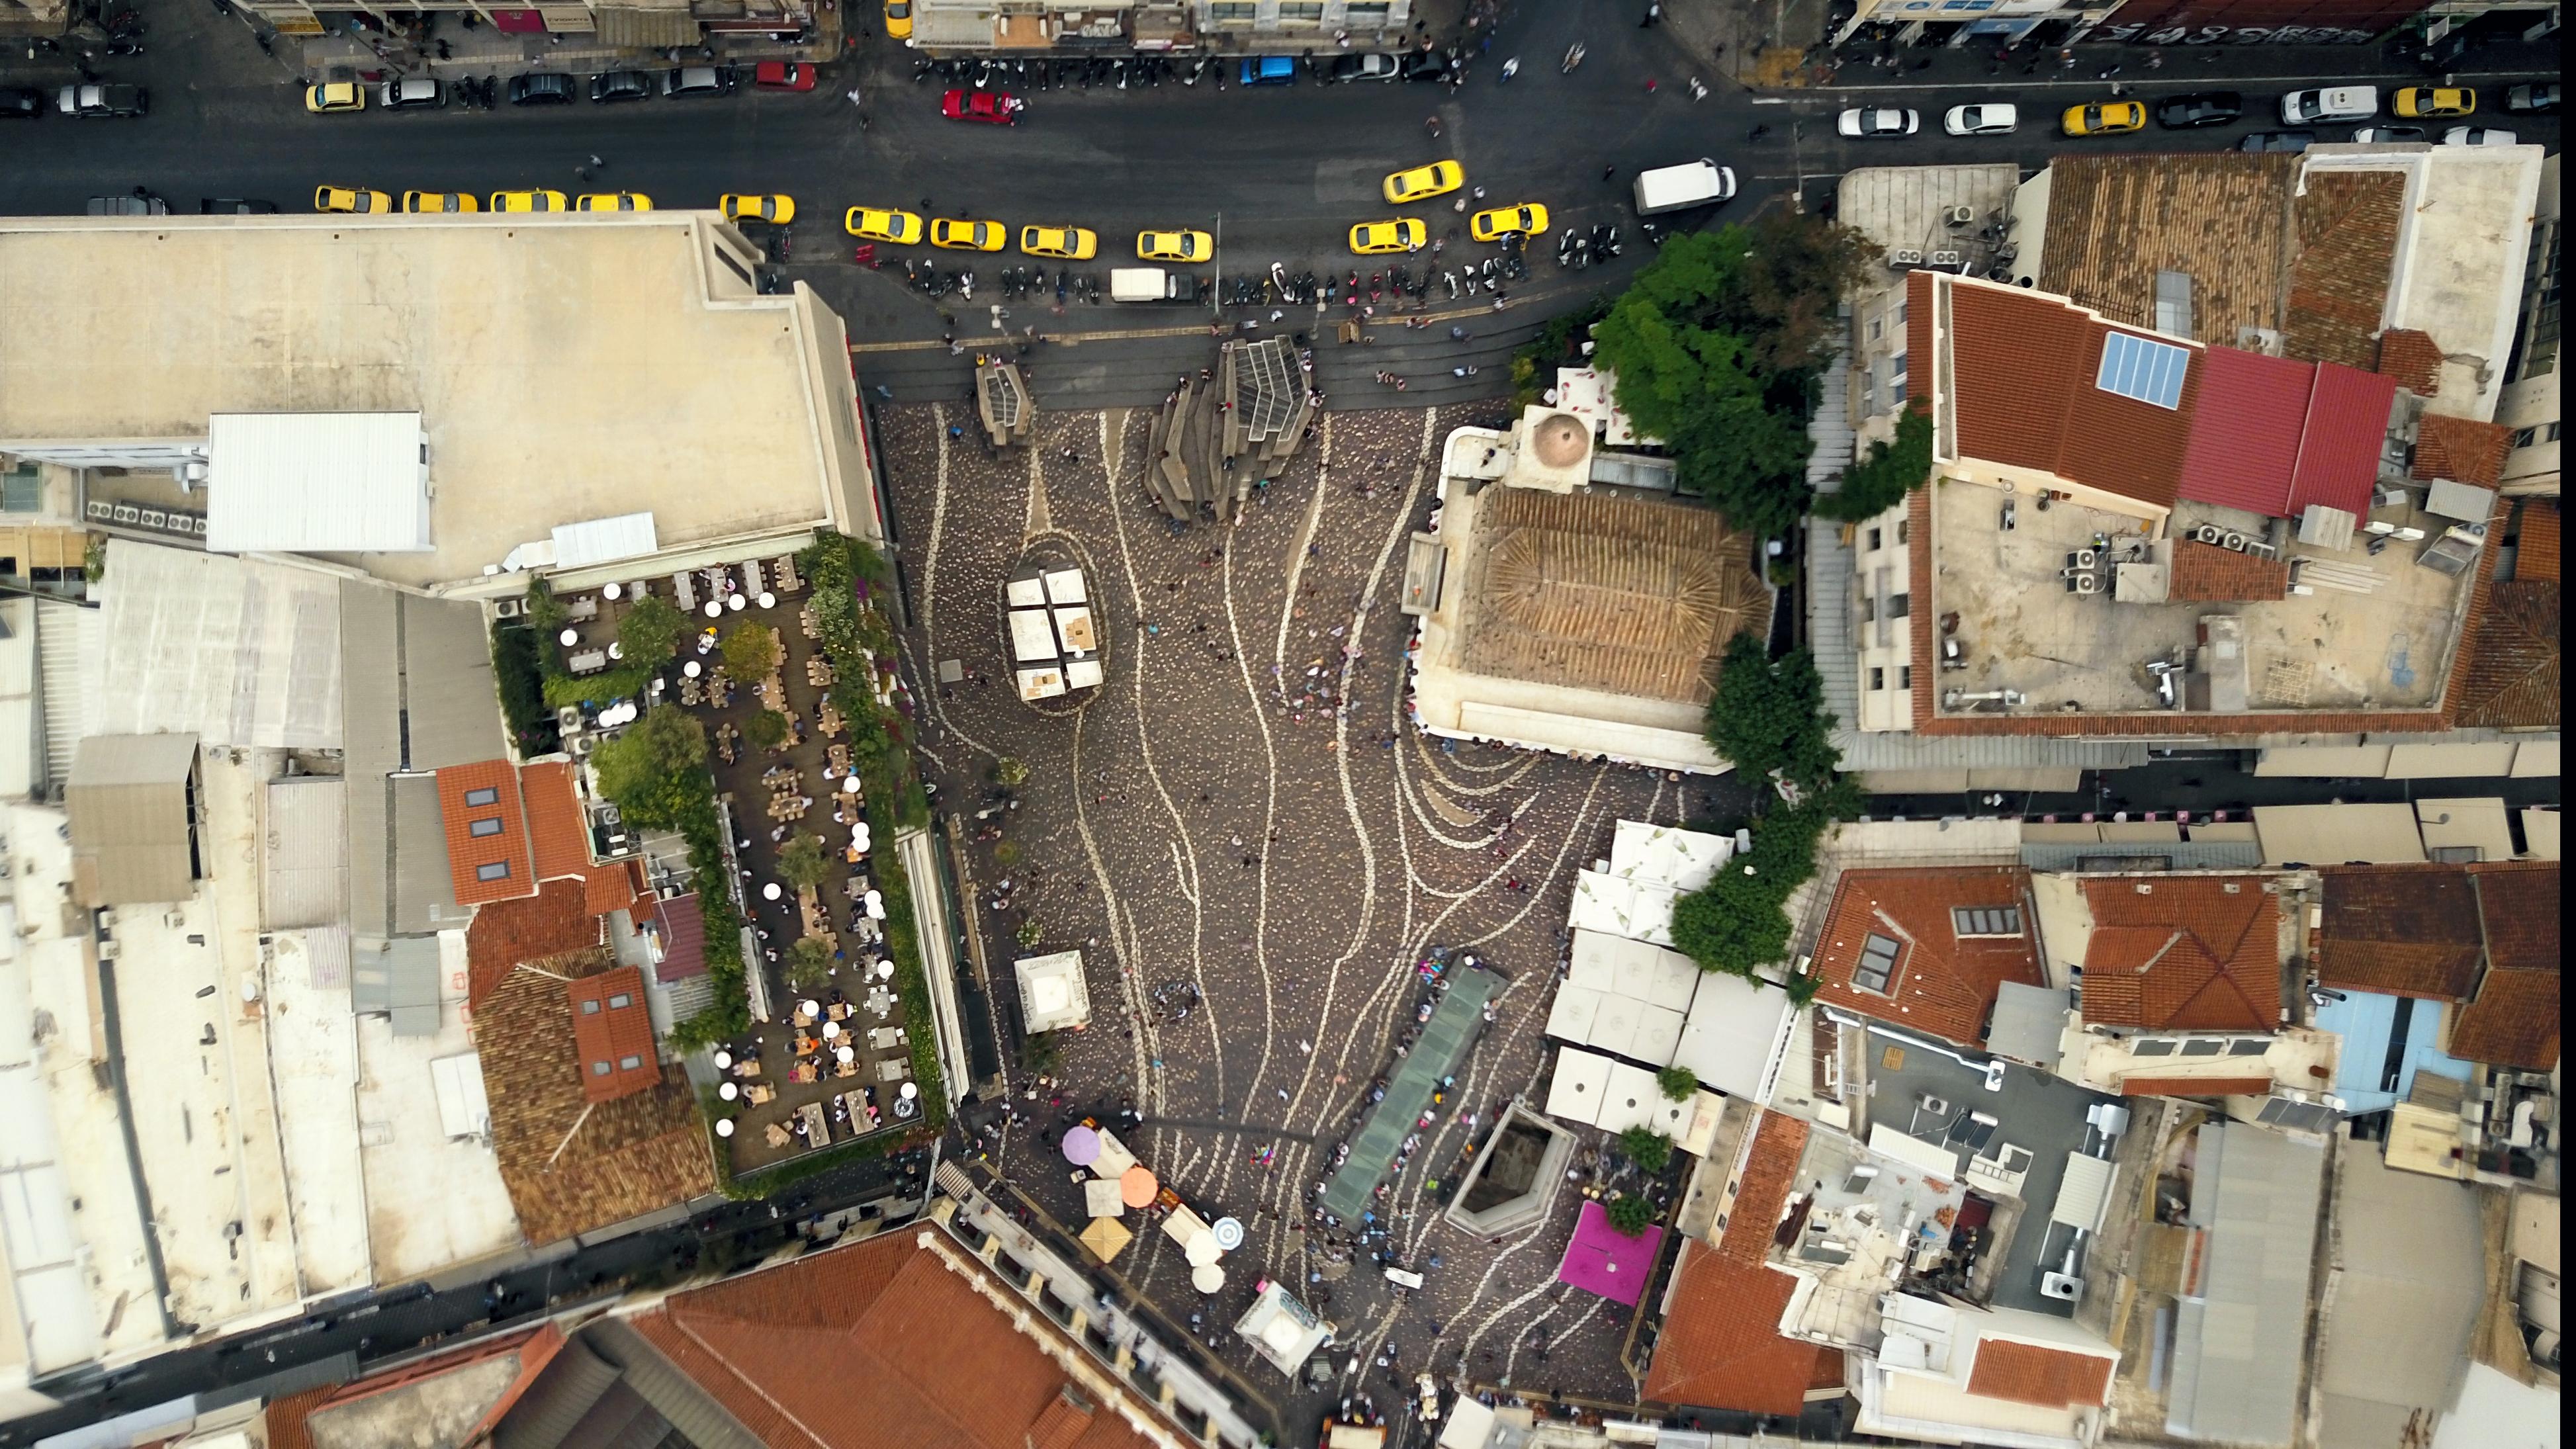 Ο g_lgs μας ταξιδεύει στην Αθήνα από μια διαφορετική οπτική γωνία